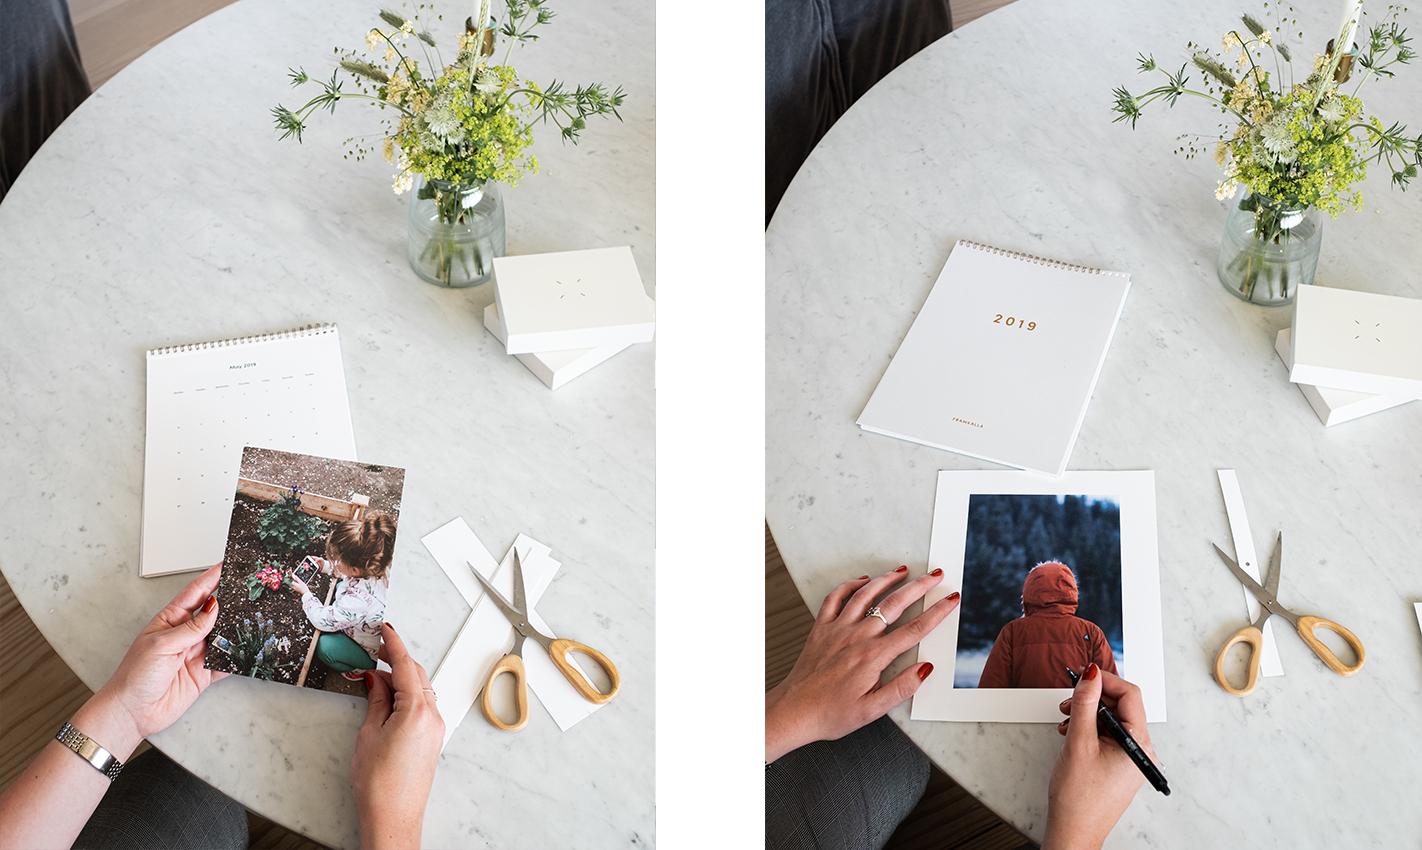 framkalla-kalender-bilder-återanvänd-prints